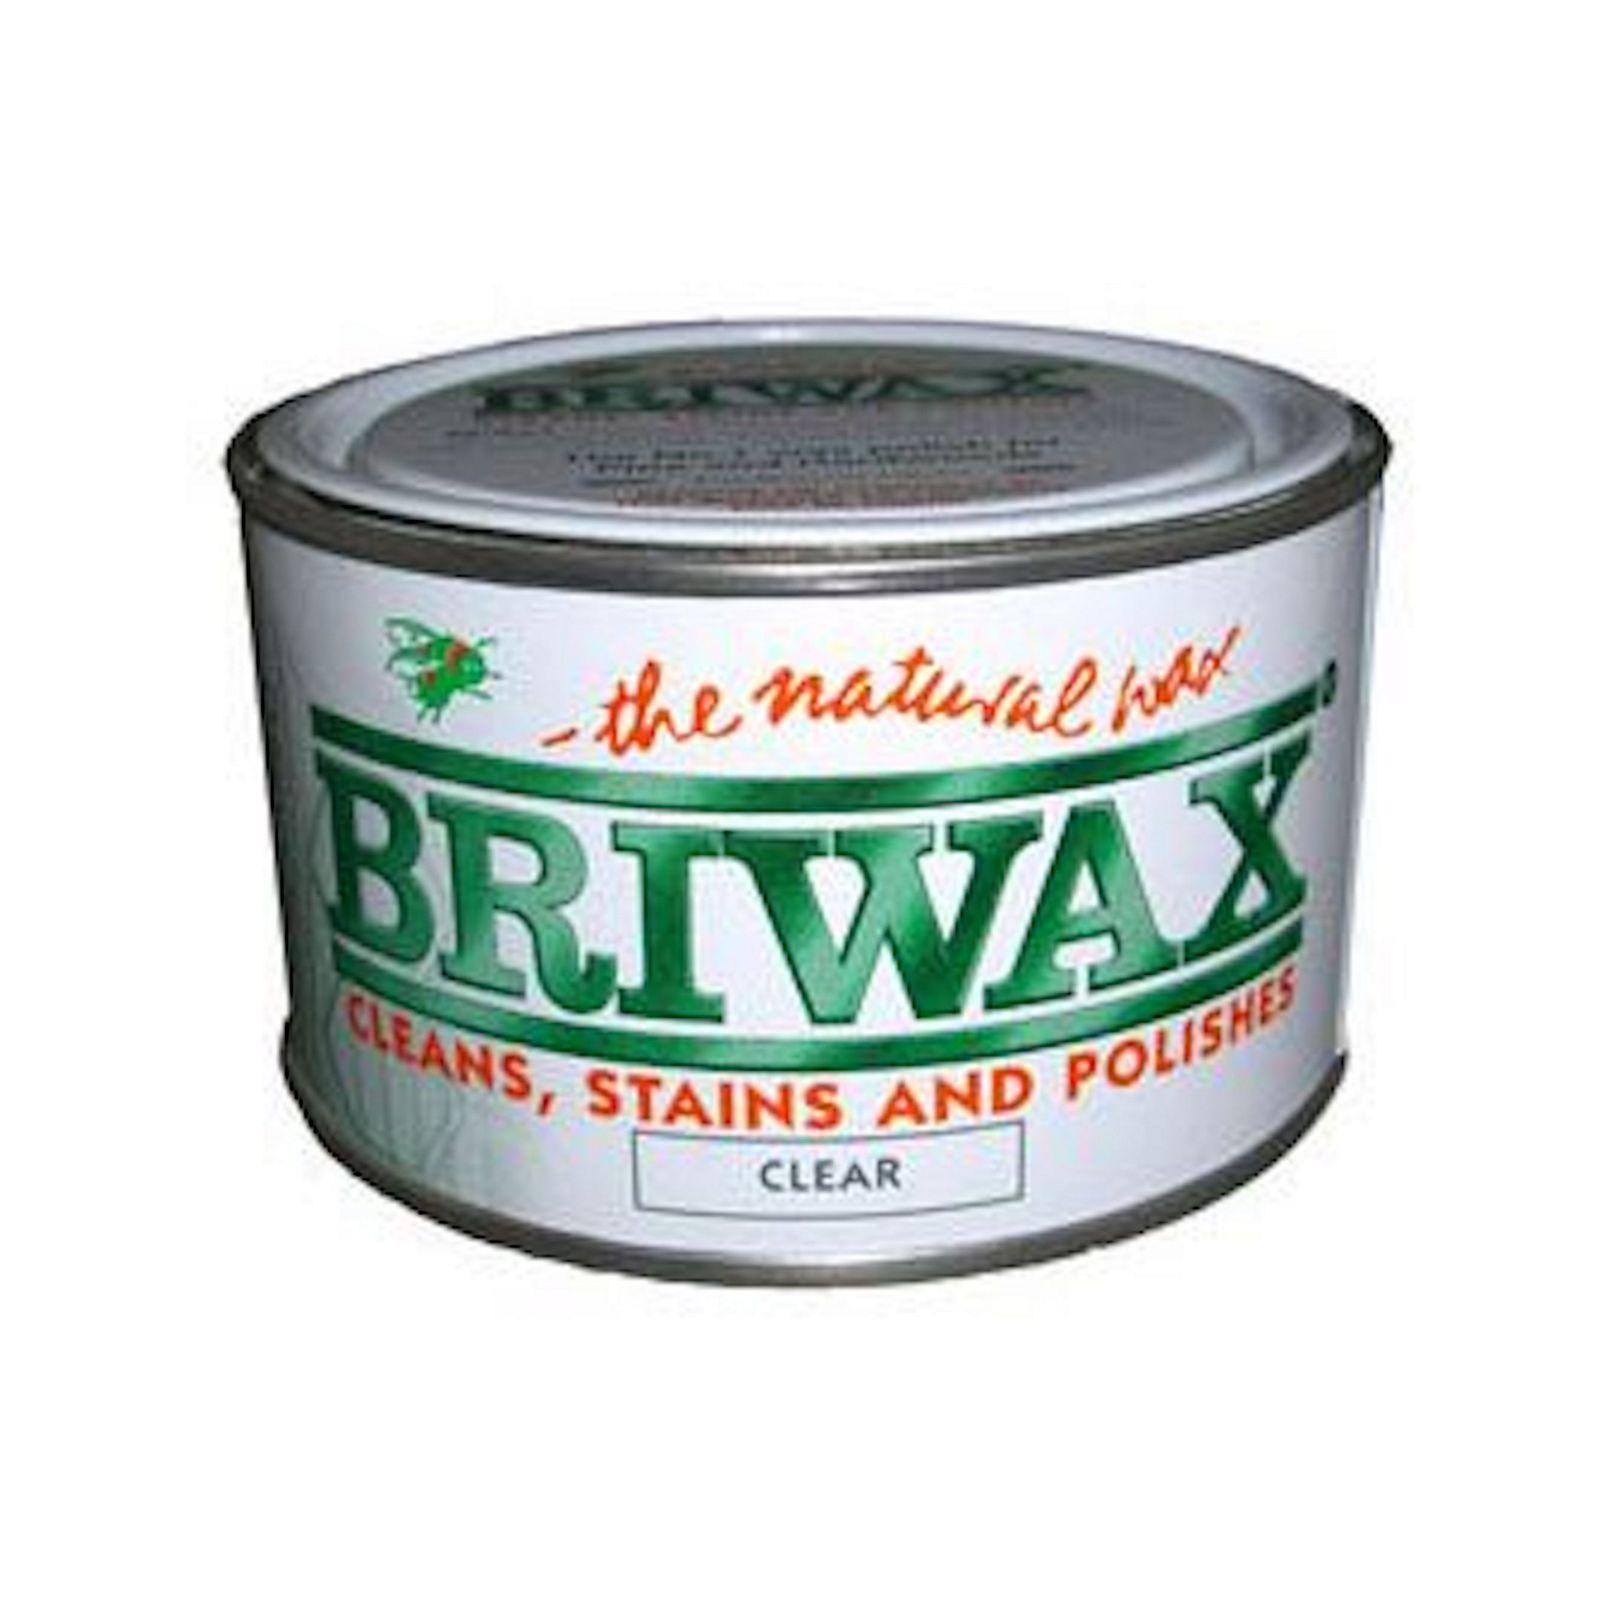 BRIWAX Natural Finish